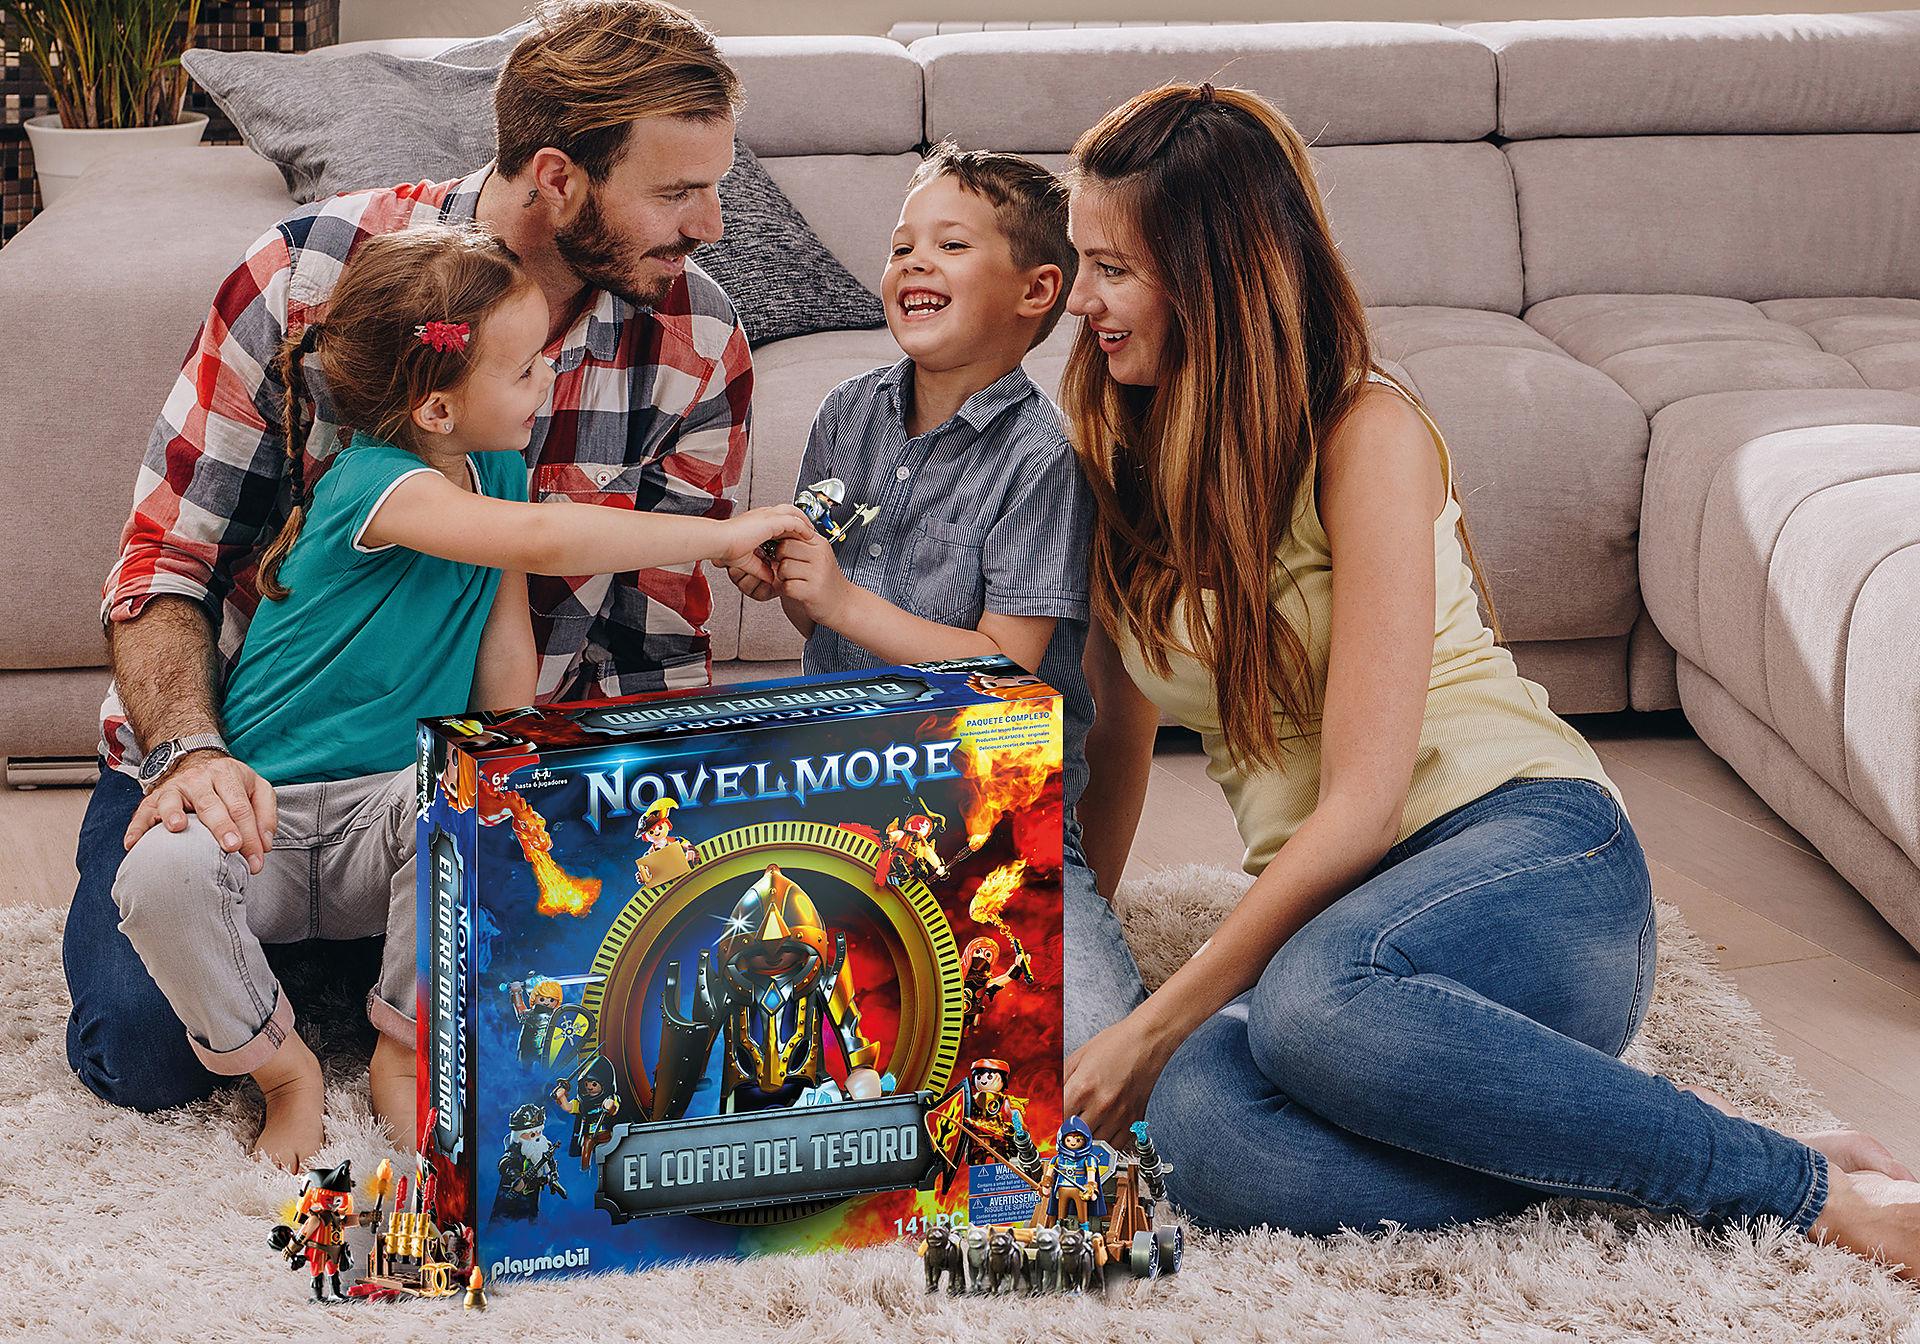 70845 PLAYMOBIL®Box: El Cofre del tesoro de NOVELMORE El evento familiar zoom image4